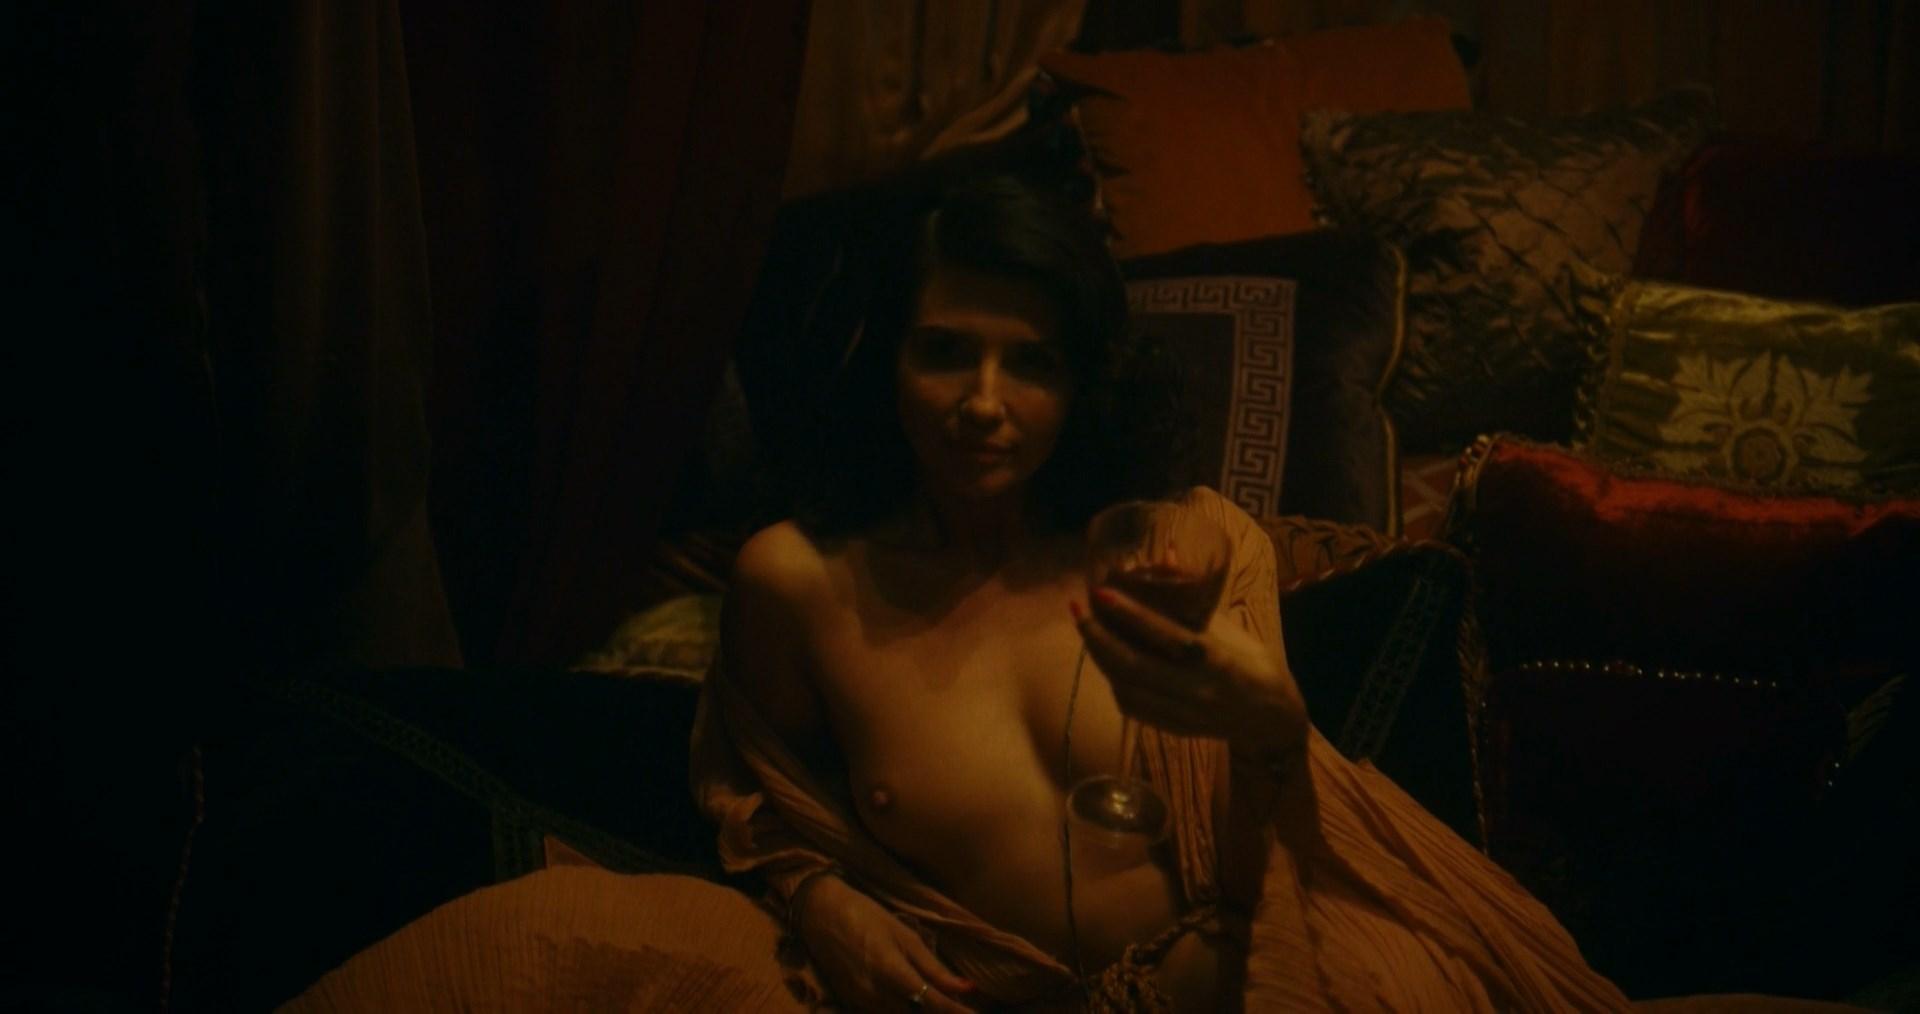 Beauty dark nude strange seems